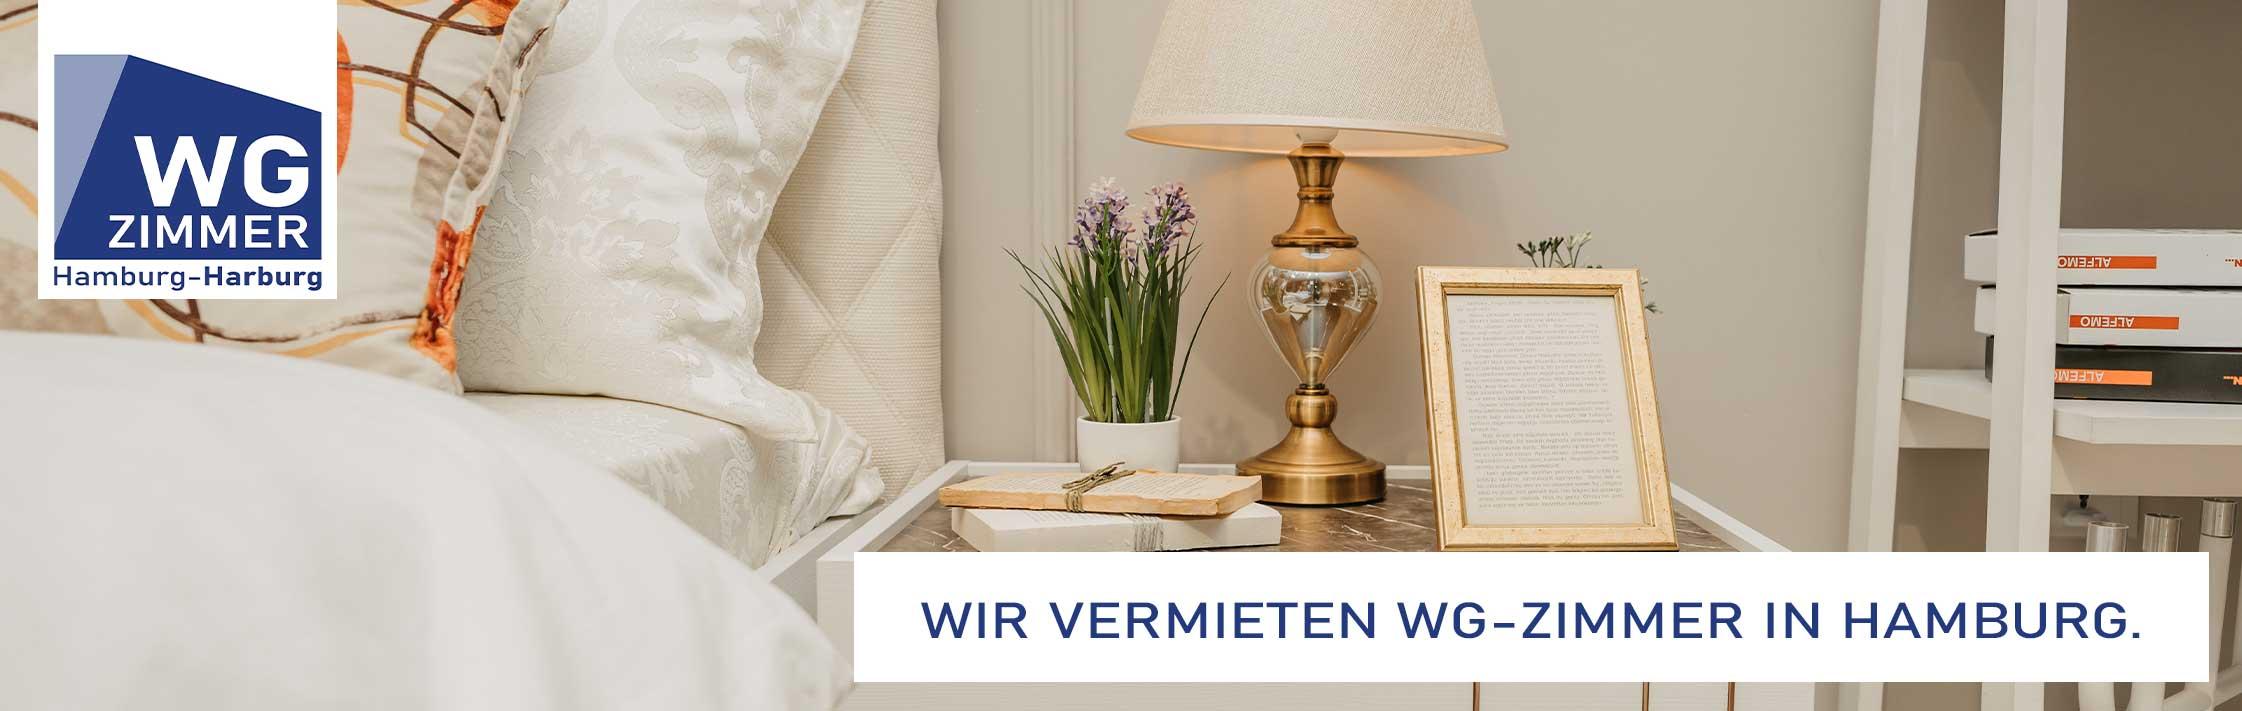 Wir vermieten WG-Zimmer in Hamburg